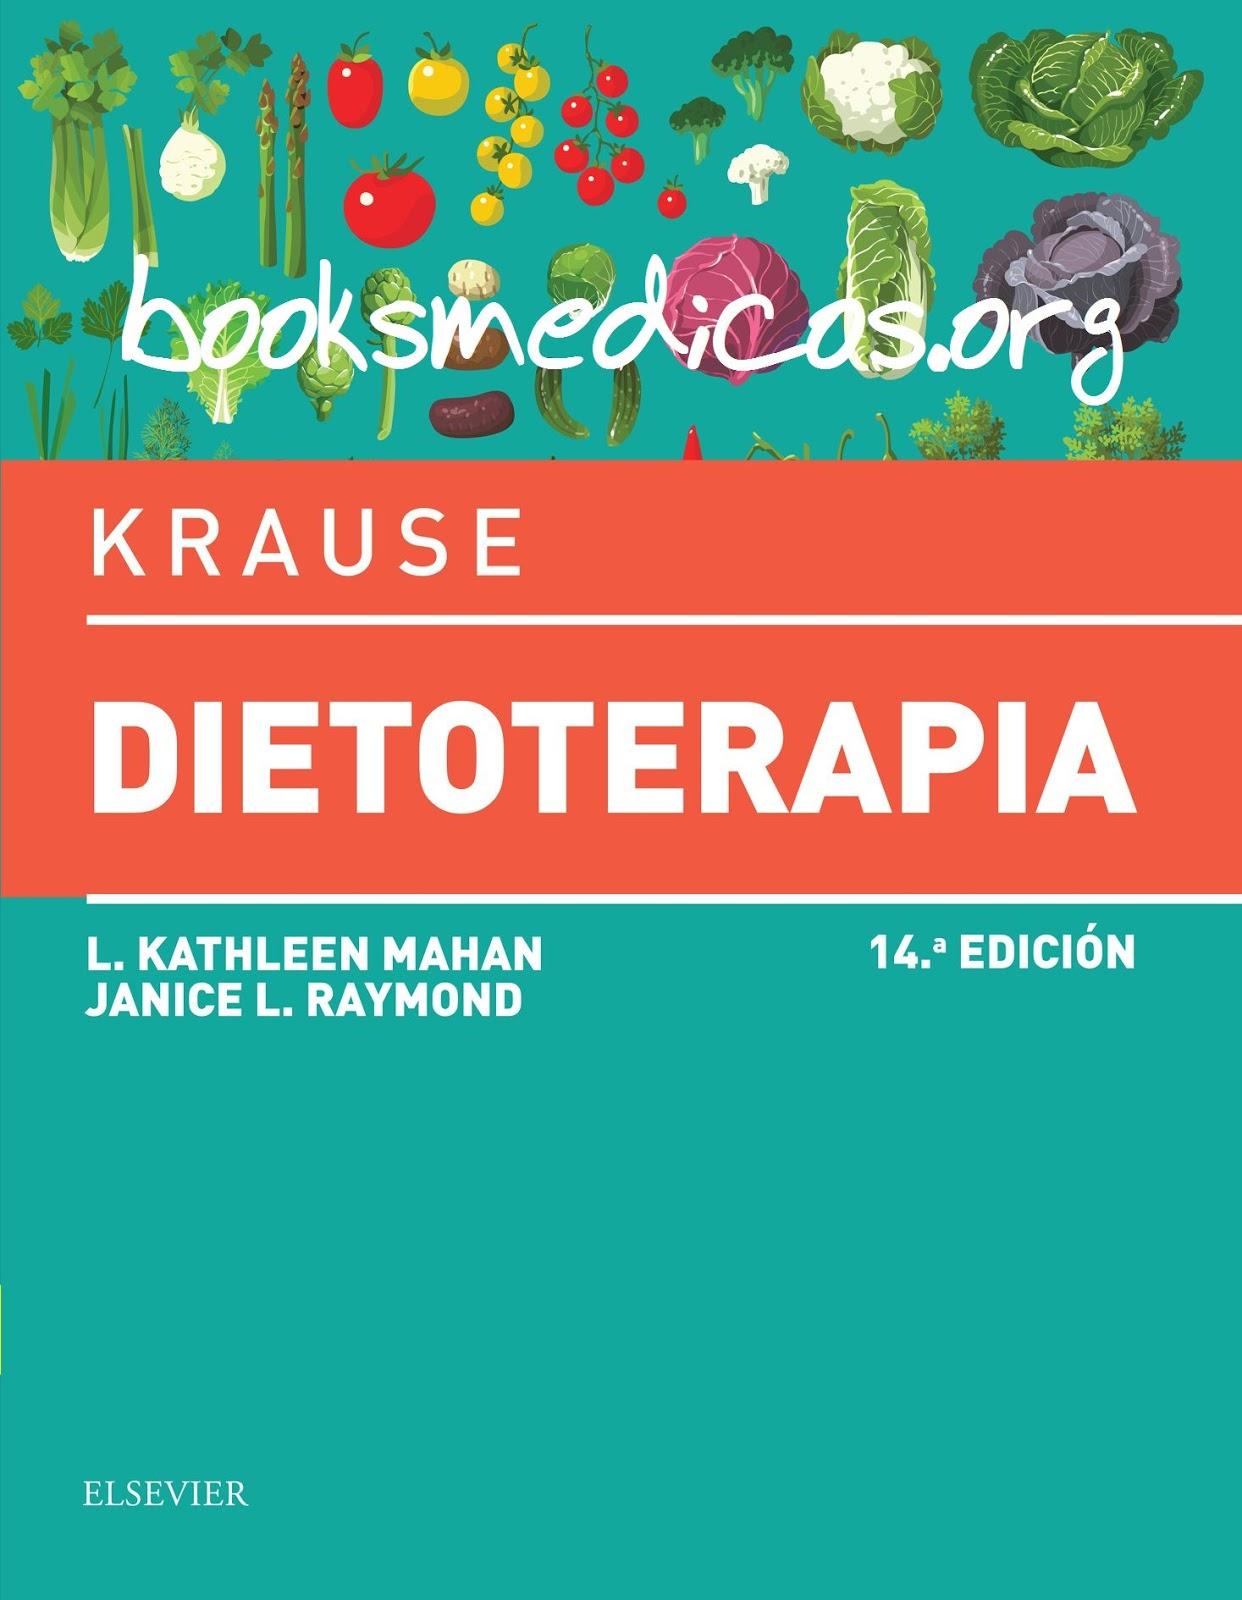 booksmedicos Libros de medicina - Part 4